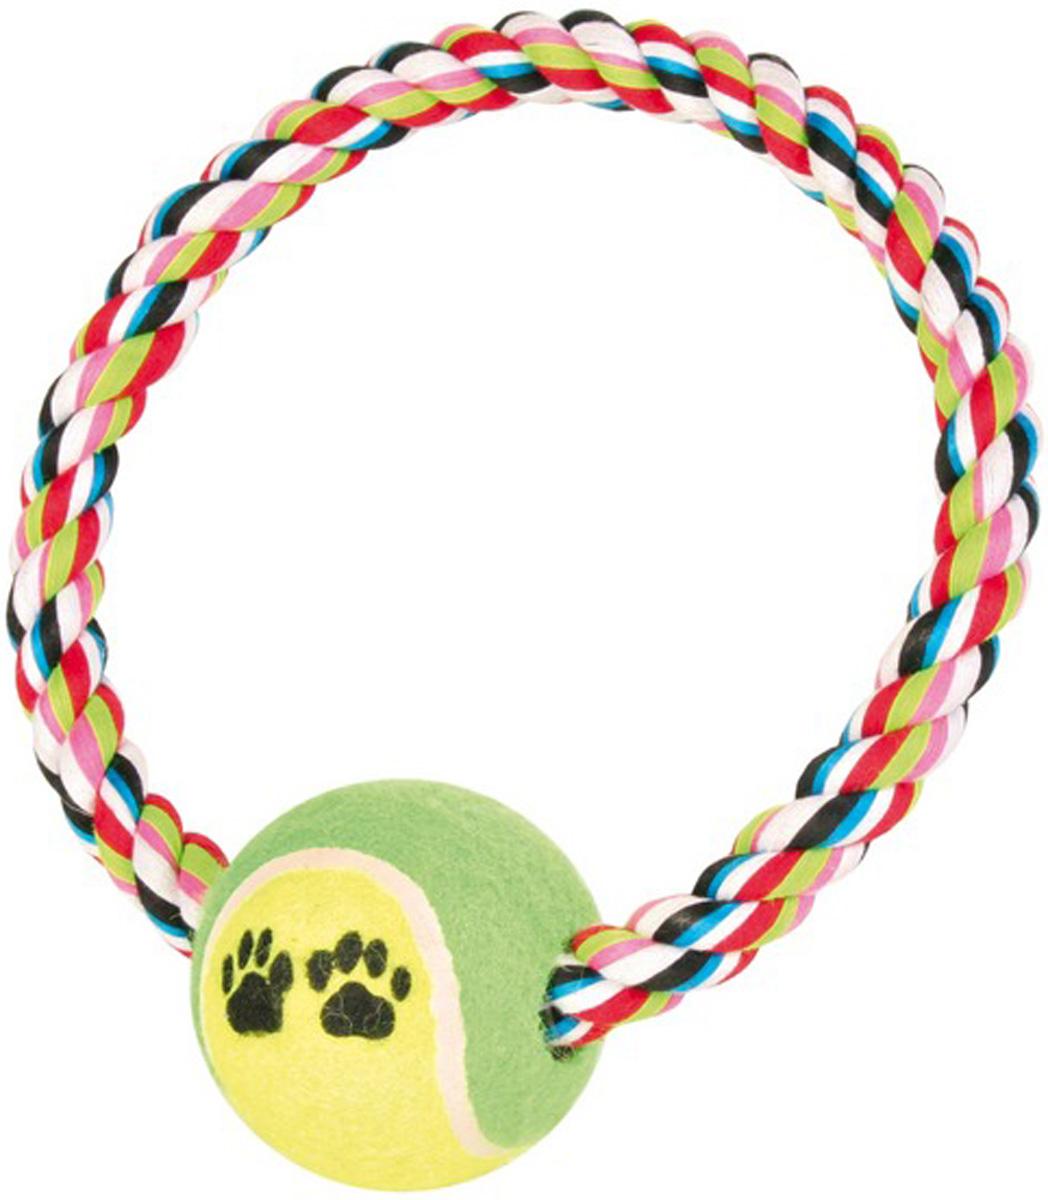 Игрушка для собак Trixie Грейфер с мячом 18 см 6 см (1 шт)